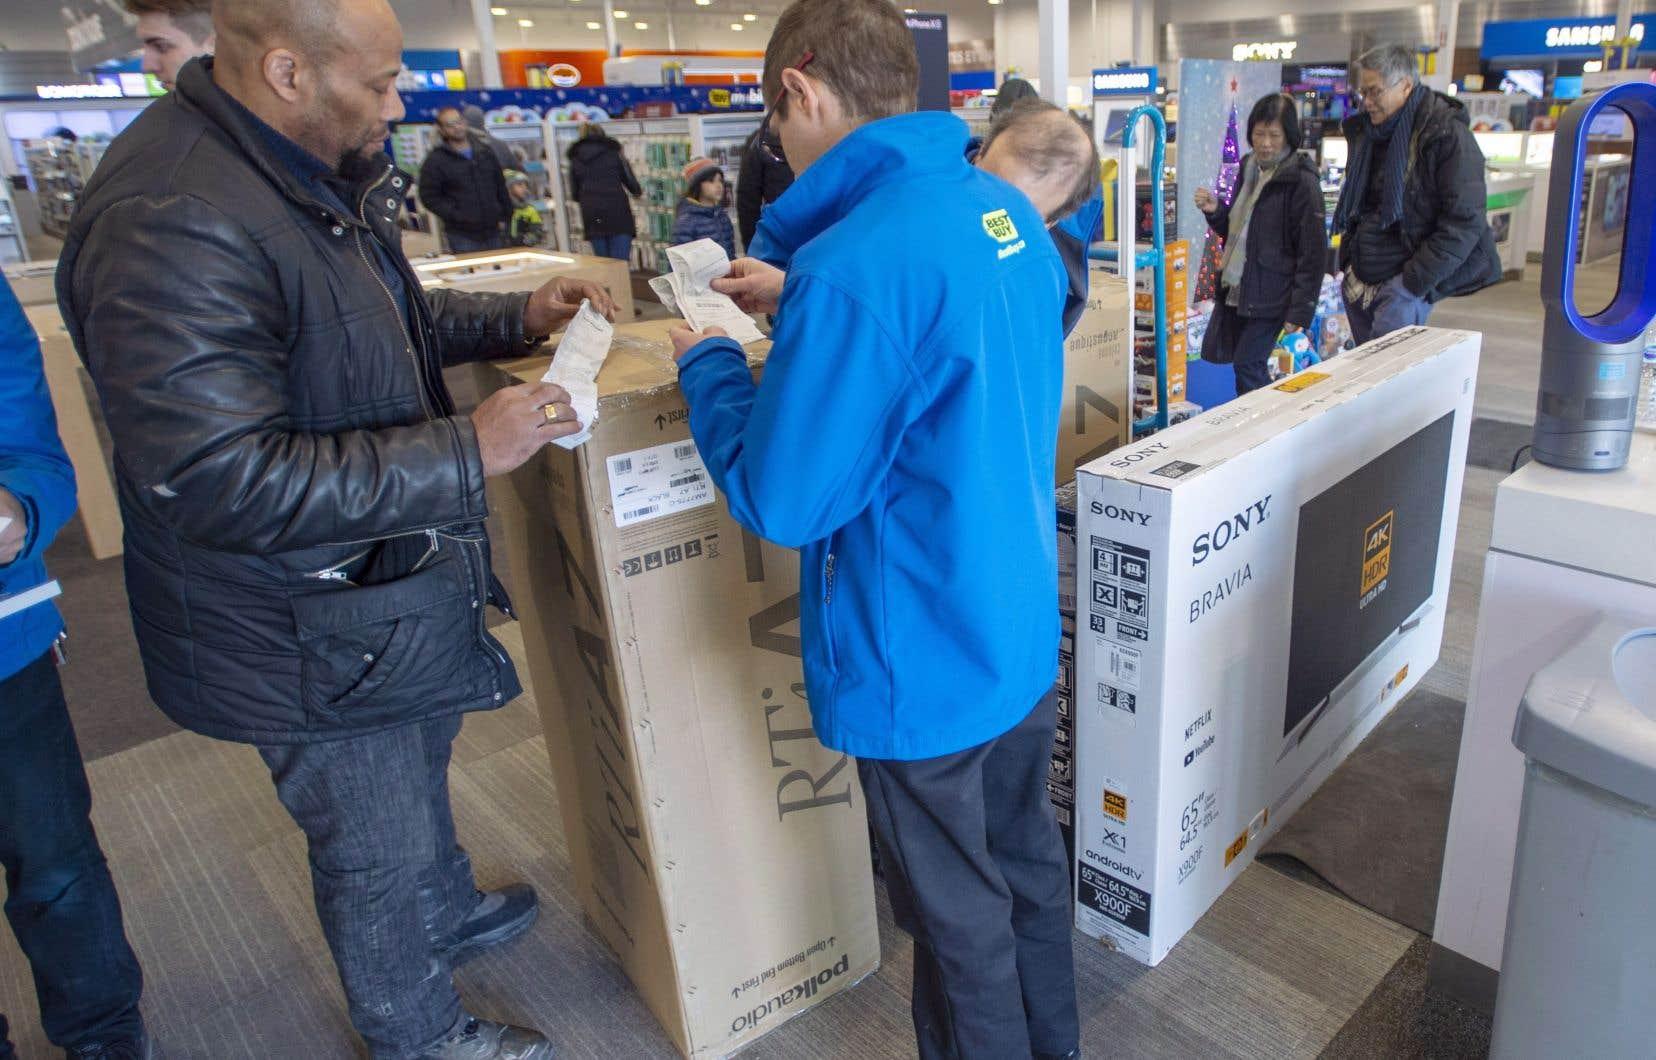 La valse de consommation a été lancée, notamment à Laval, à l'occasion du Vendredi fou.